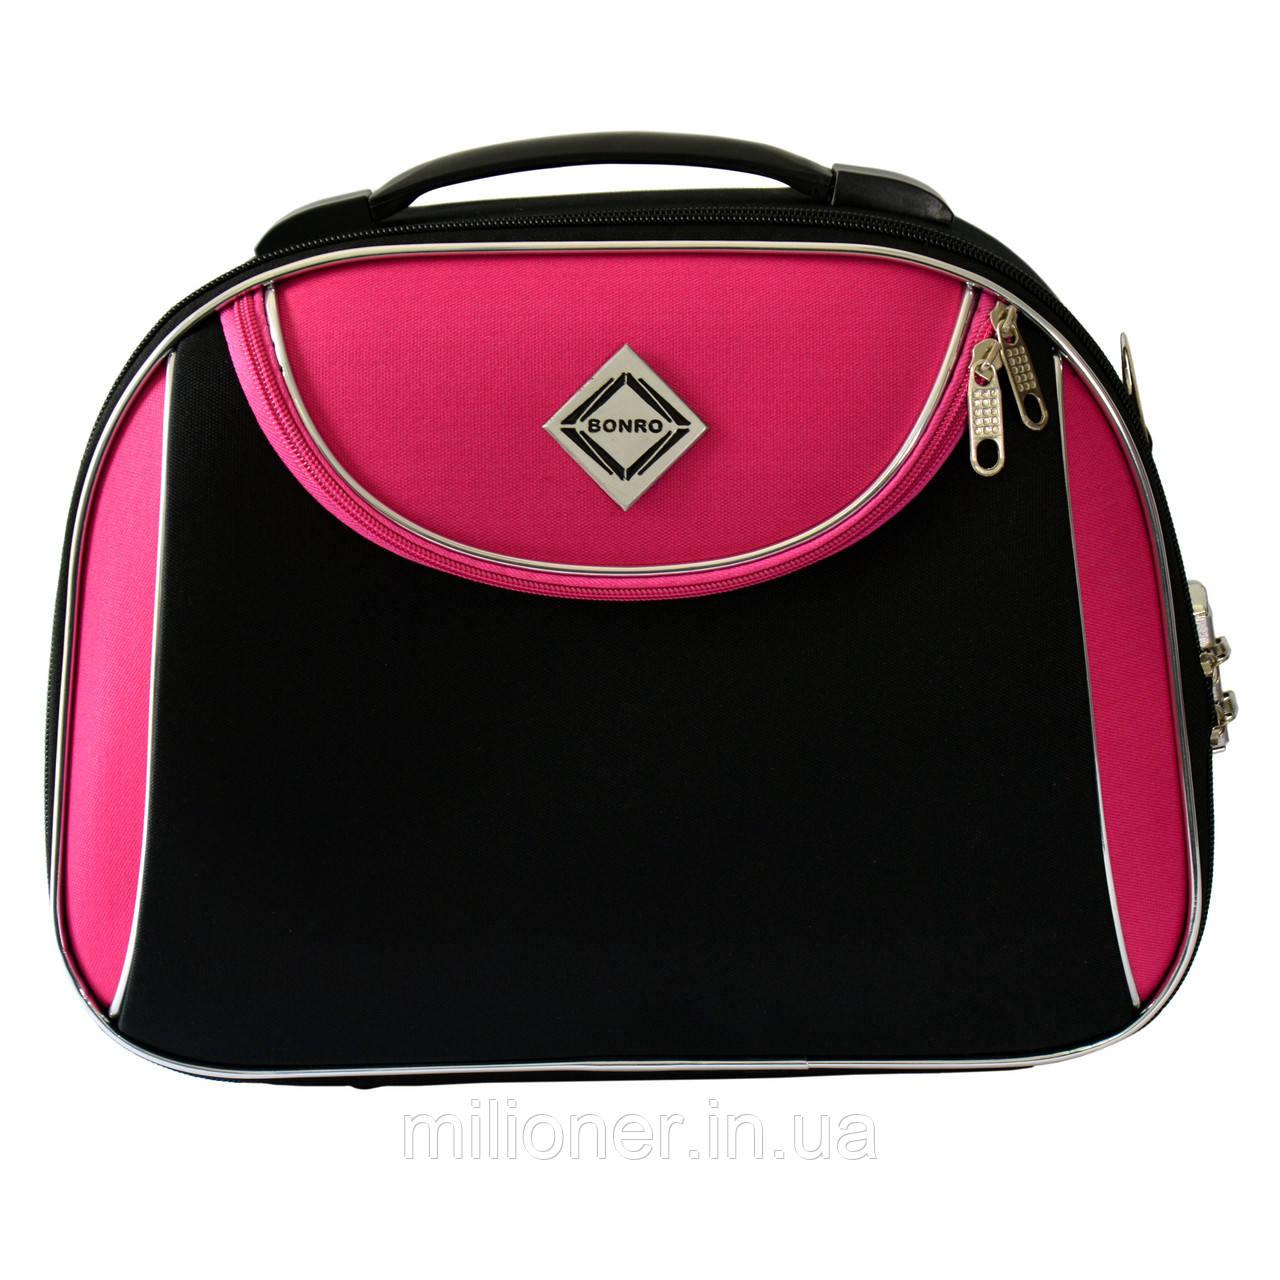 Сумка кейс саквояж Bonro Style (большой) черно-розовый